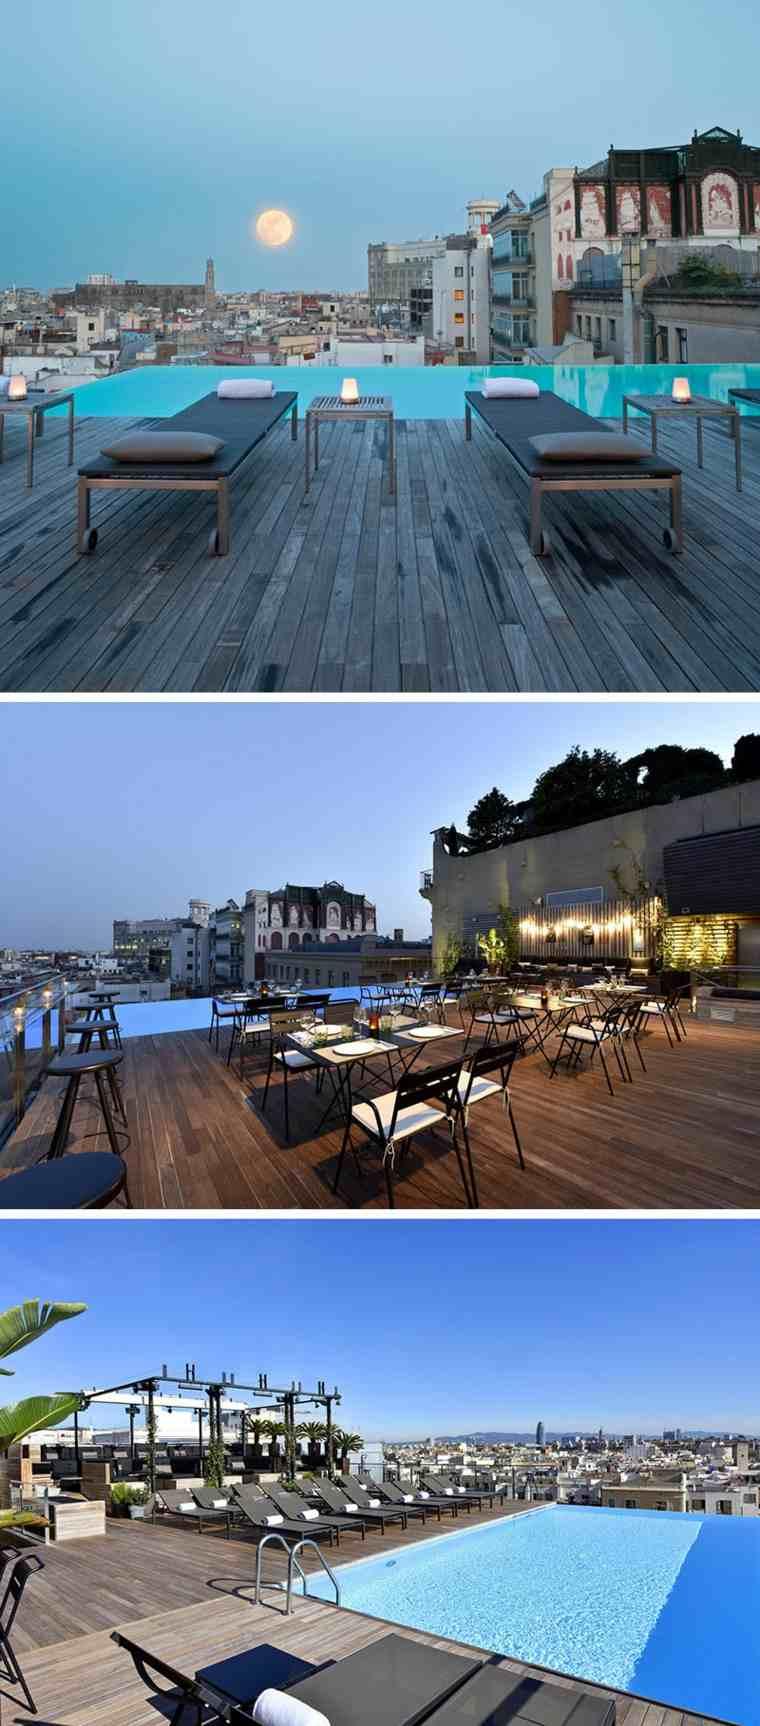 hoteles romanticos terrazas Grand Hotel Central Barcelona ideas